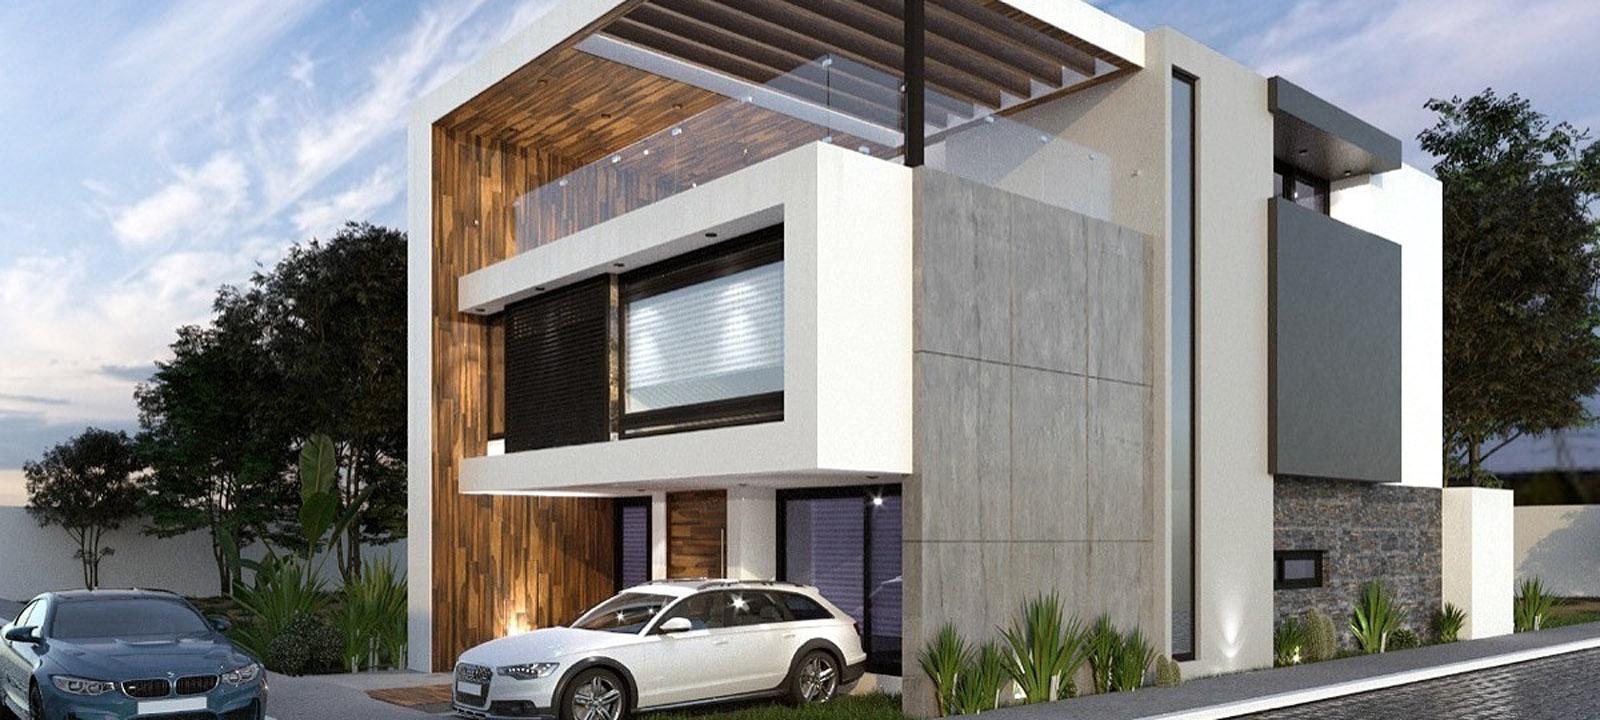 Casas Modernas Esquineras Linea Elixio Modelos De Fachadas Planos De Casas 3d Zen Ambient